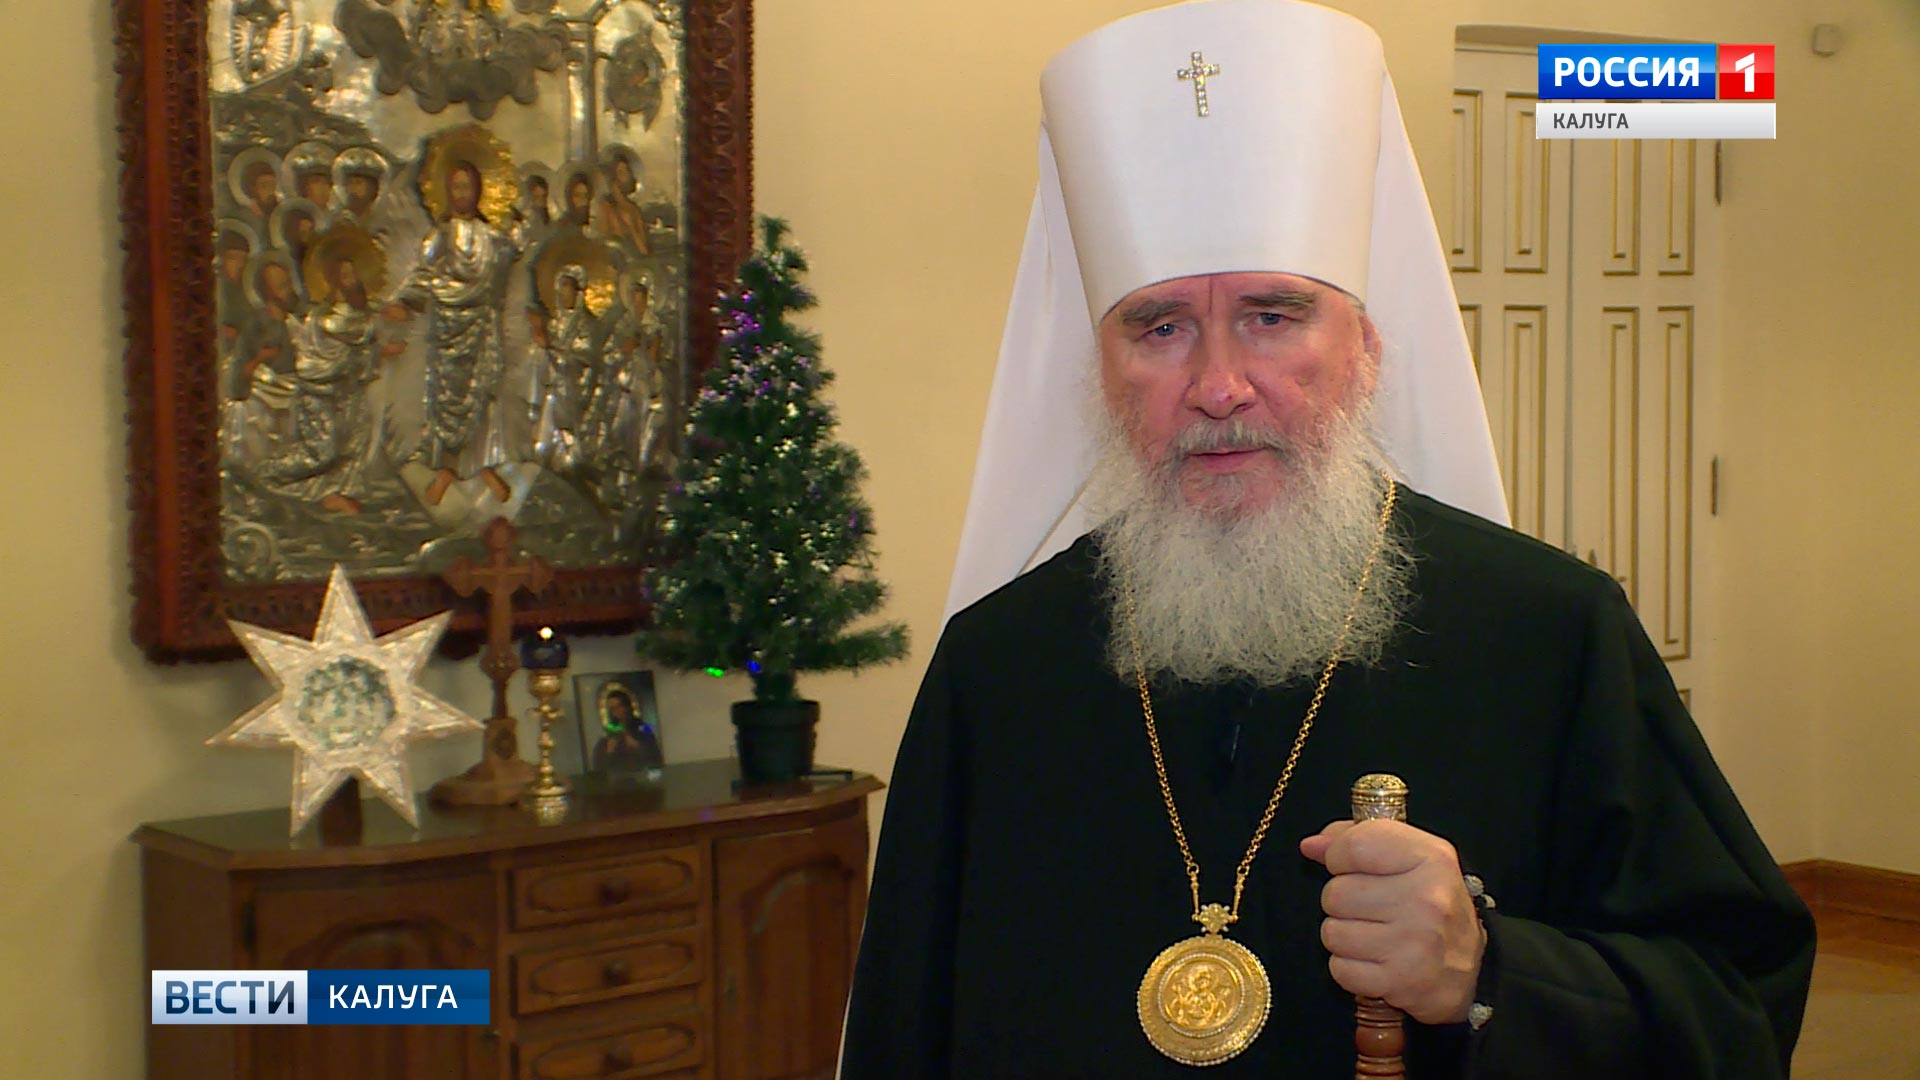 Калужский митрополит Климент приравнял изучение иностранных языков к пьянству